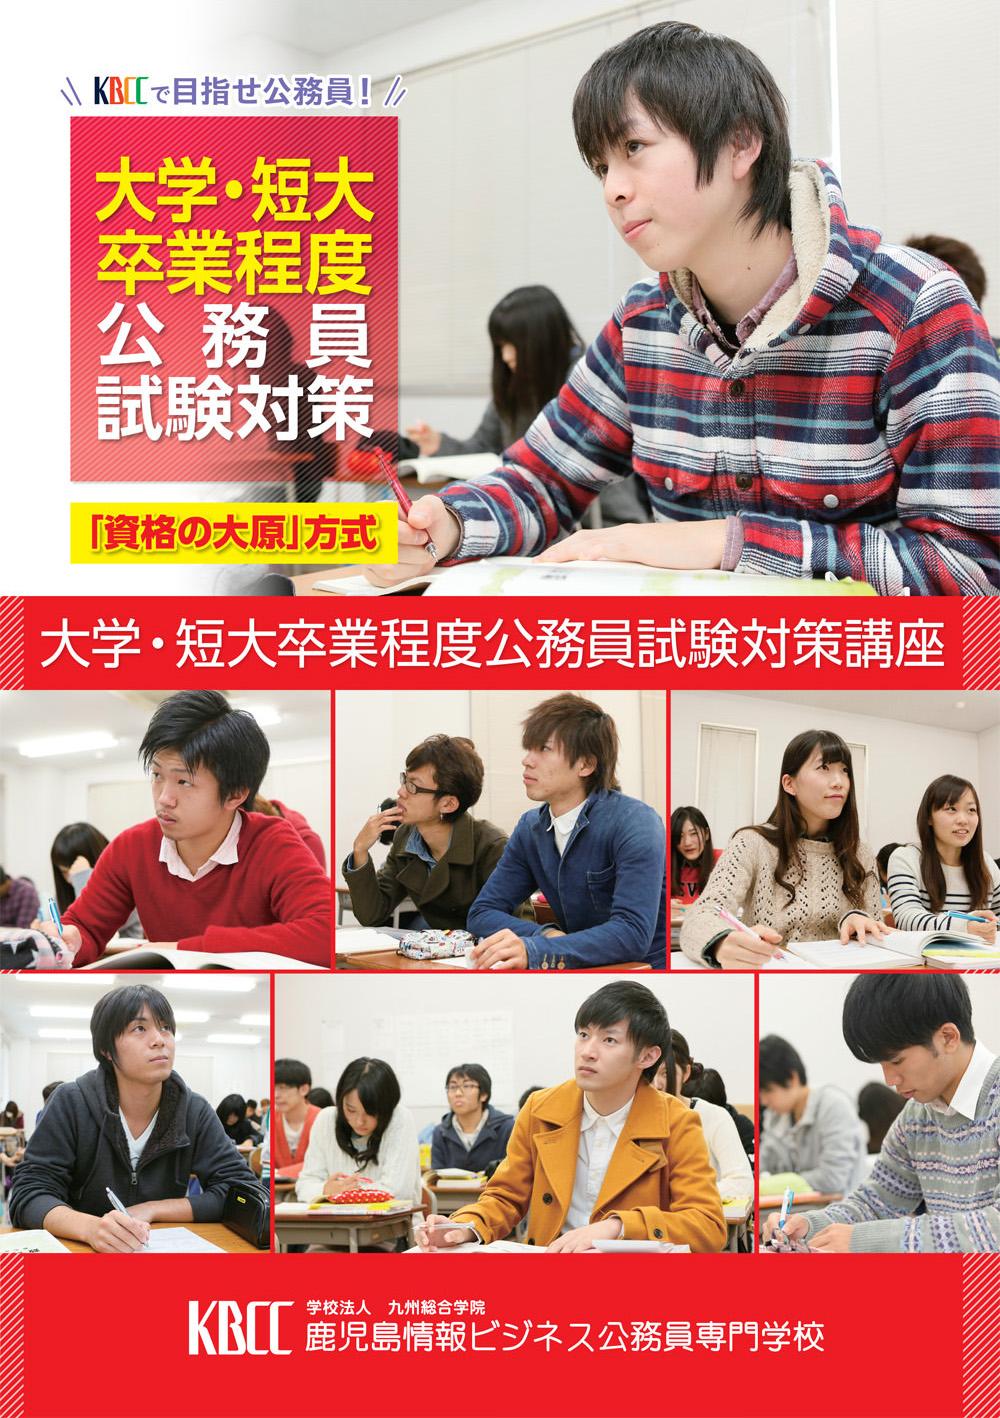 【公務員科】大学・短大卒業程度公務員試験対策講座